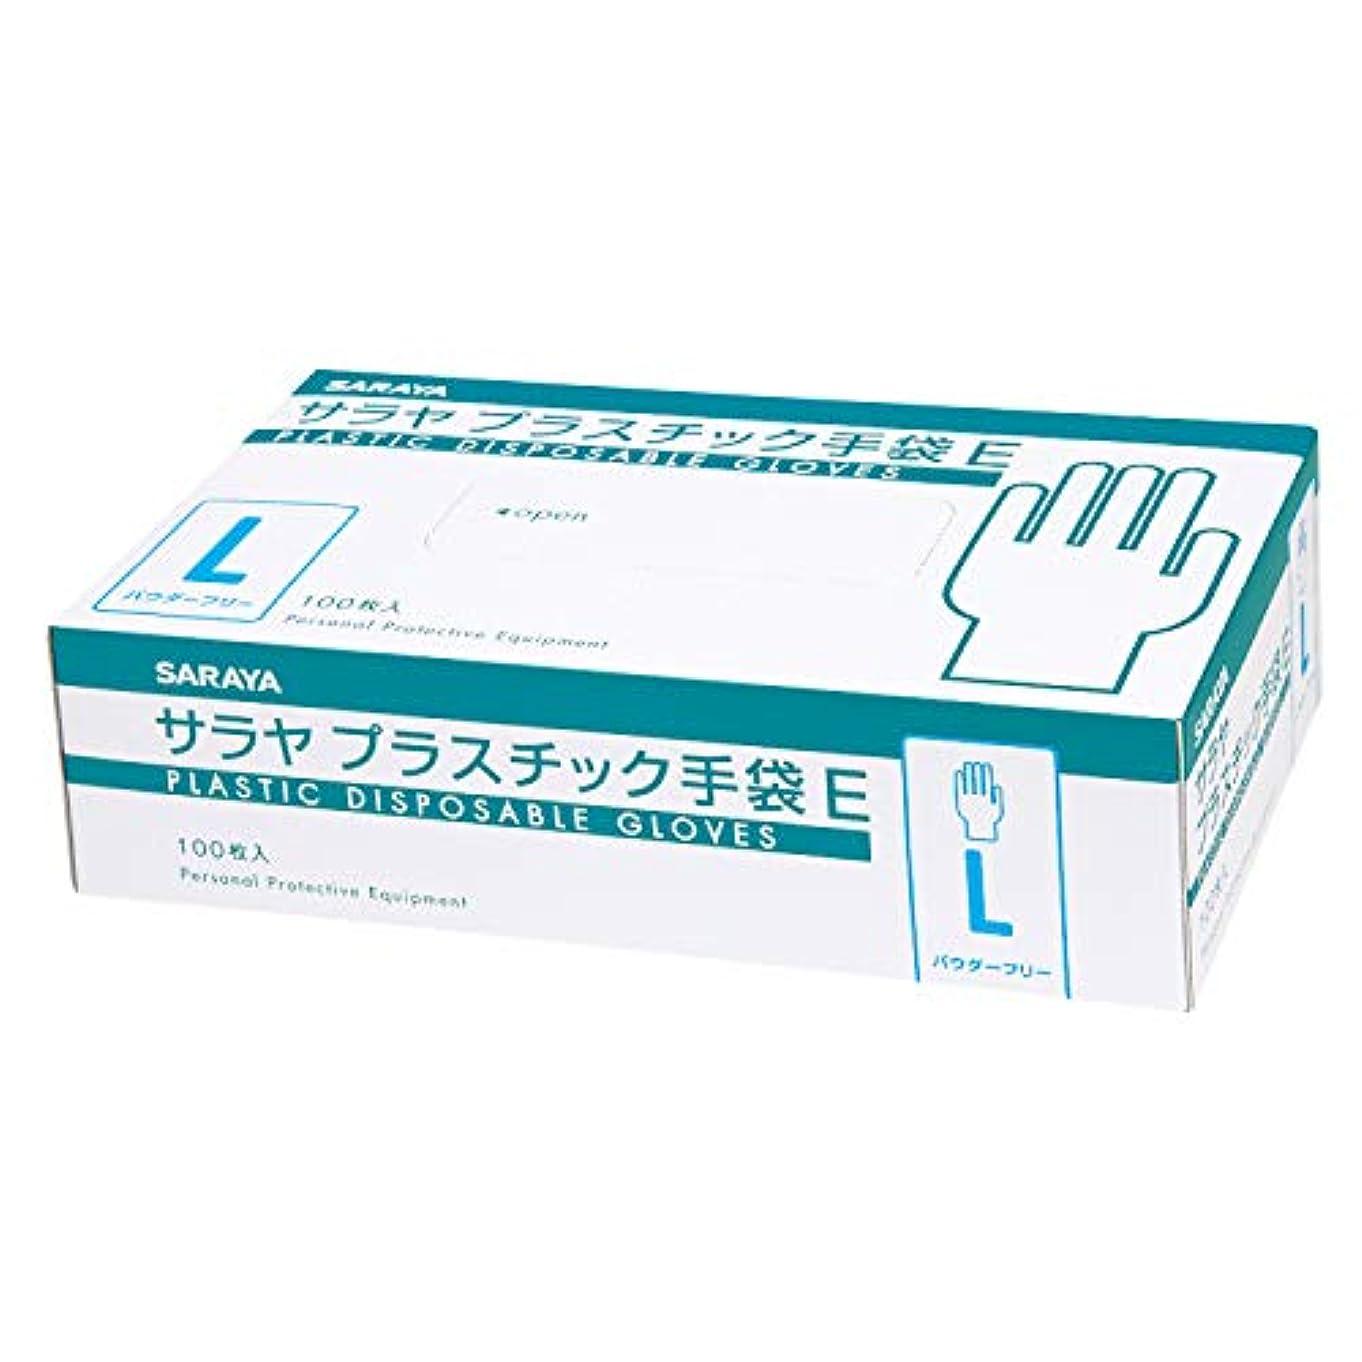 患者強います虐待サラヤ 使い捨て手袋 プラスチック手袋E 粉なし Lサイズ 100枚入